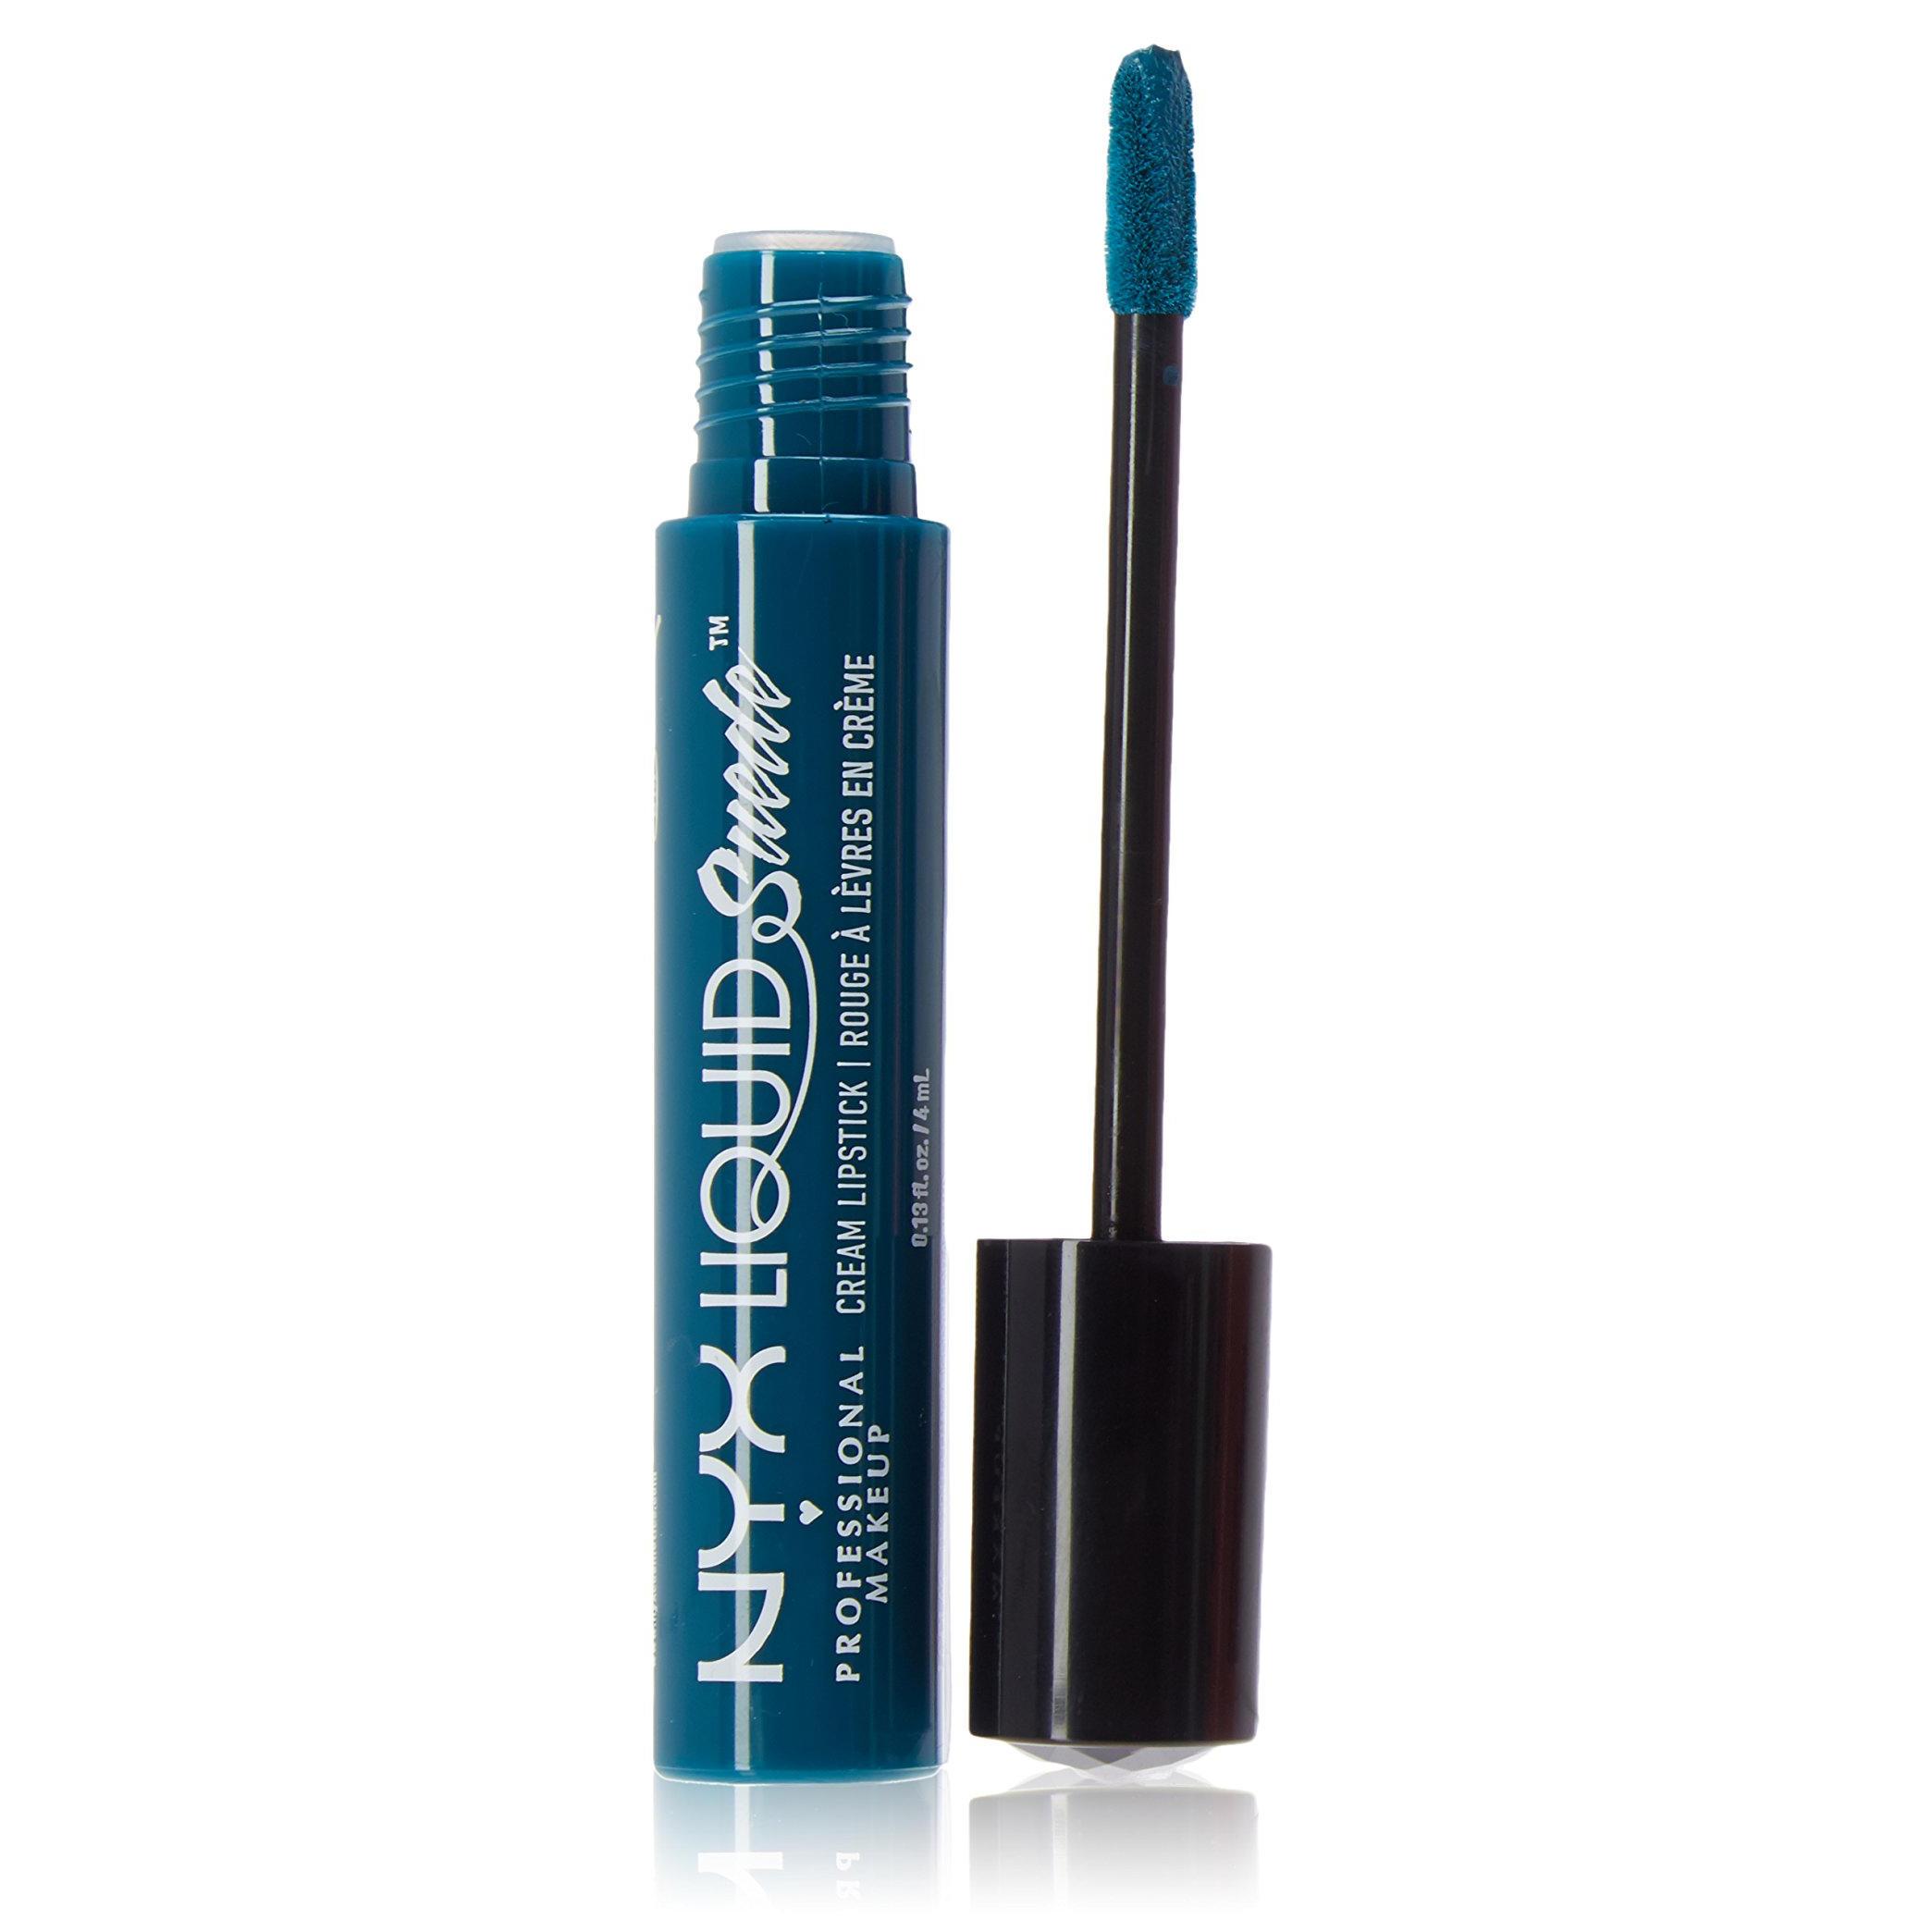 NYX Liquid Suede Cream Lipstick Disruptive